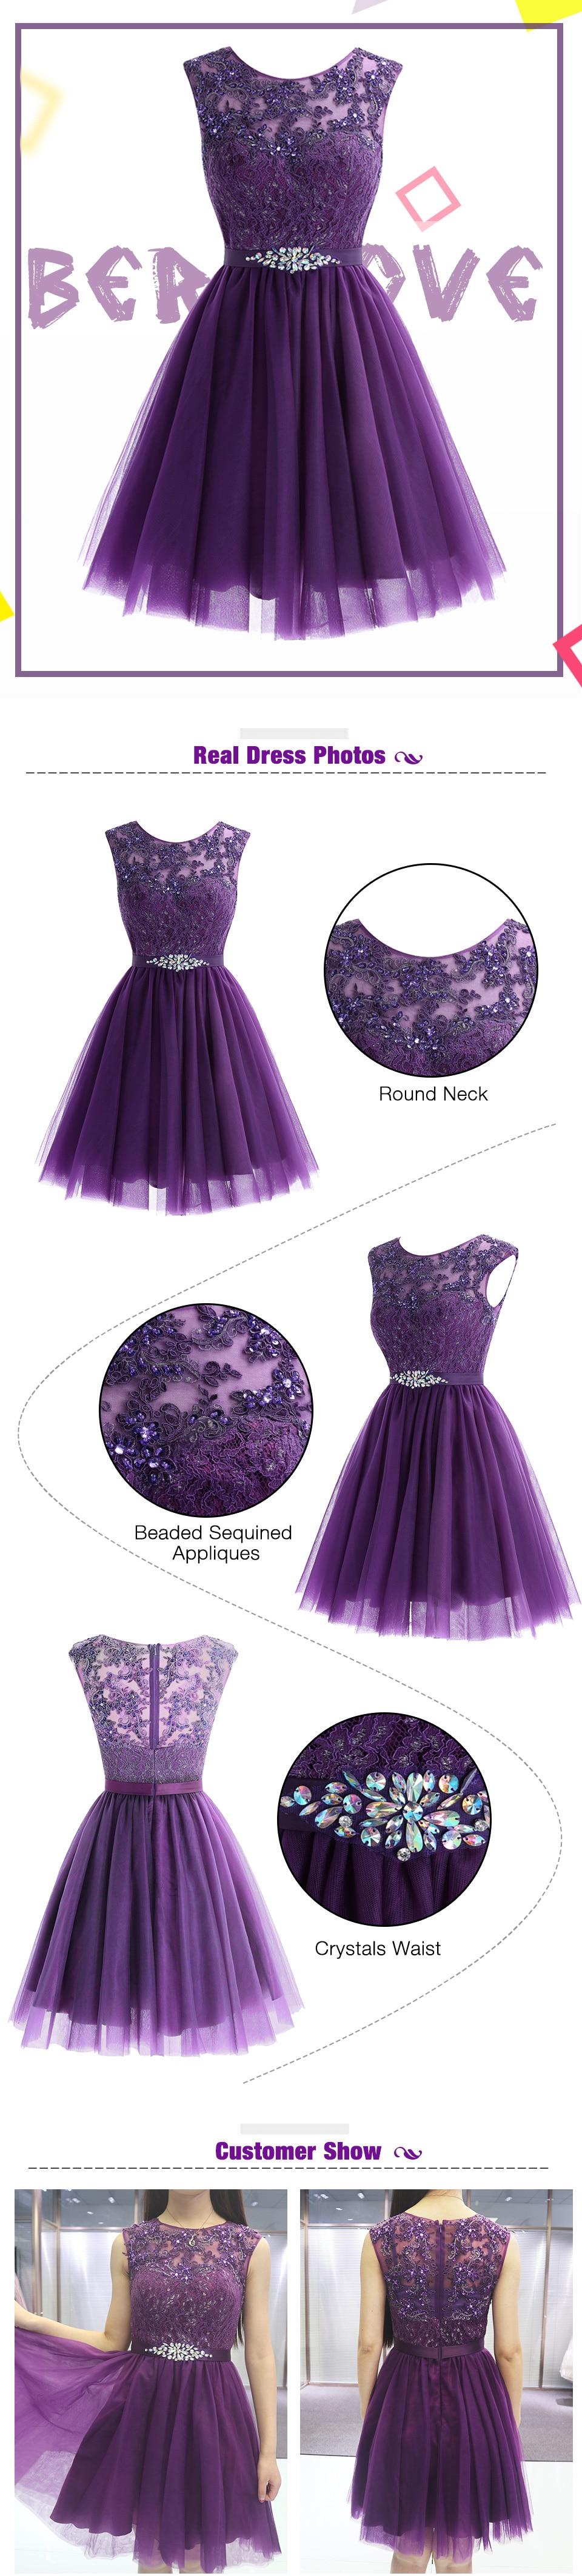 Cute Short Purple Homecoming Mini Dress